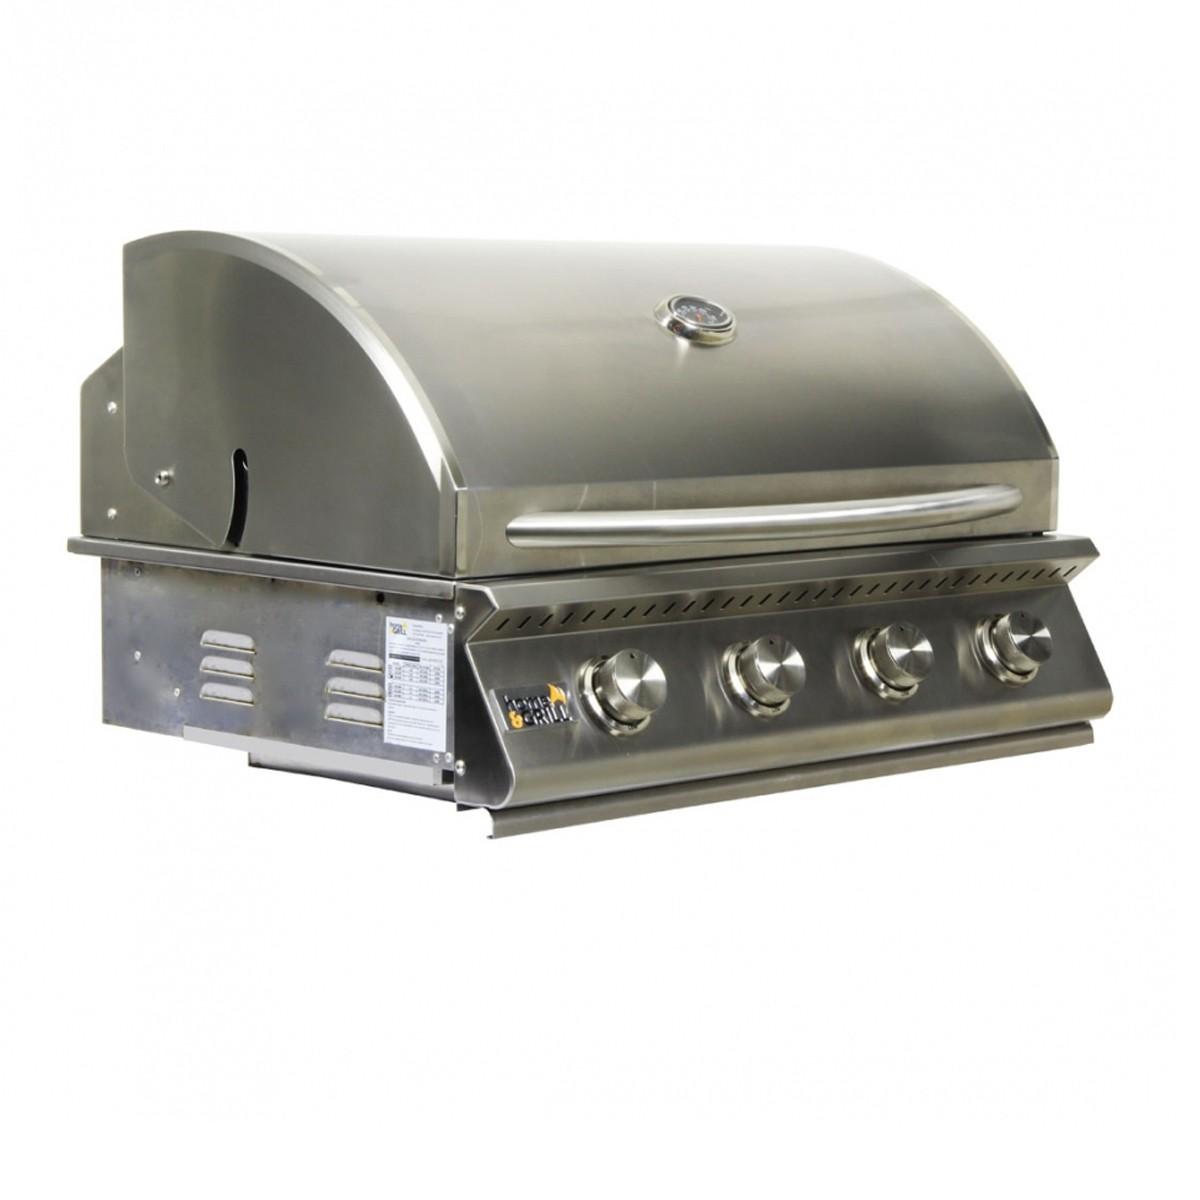 Churrasqueira a Gas Home e Grill Deluxe Premium HG-4B - 4 Queimadores - 100% Inox 304 + Brindes